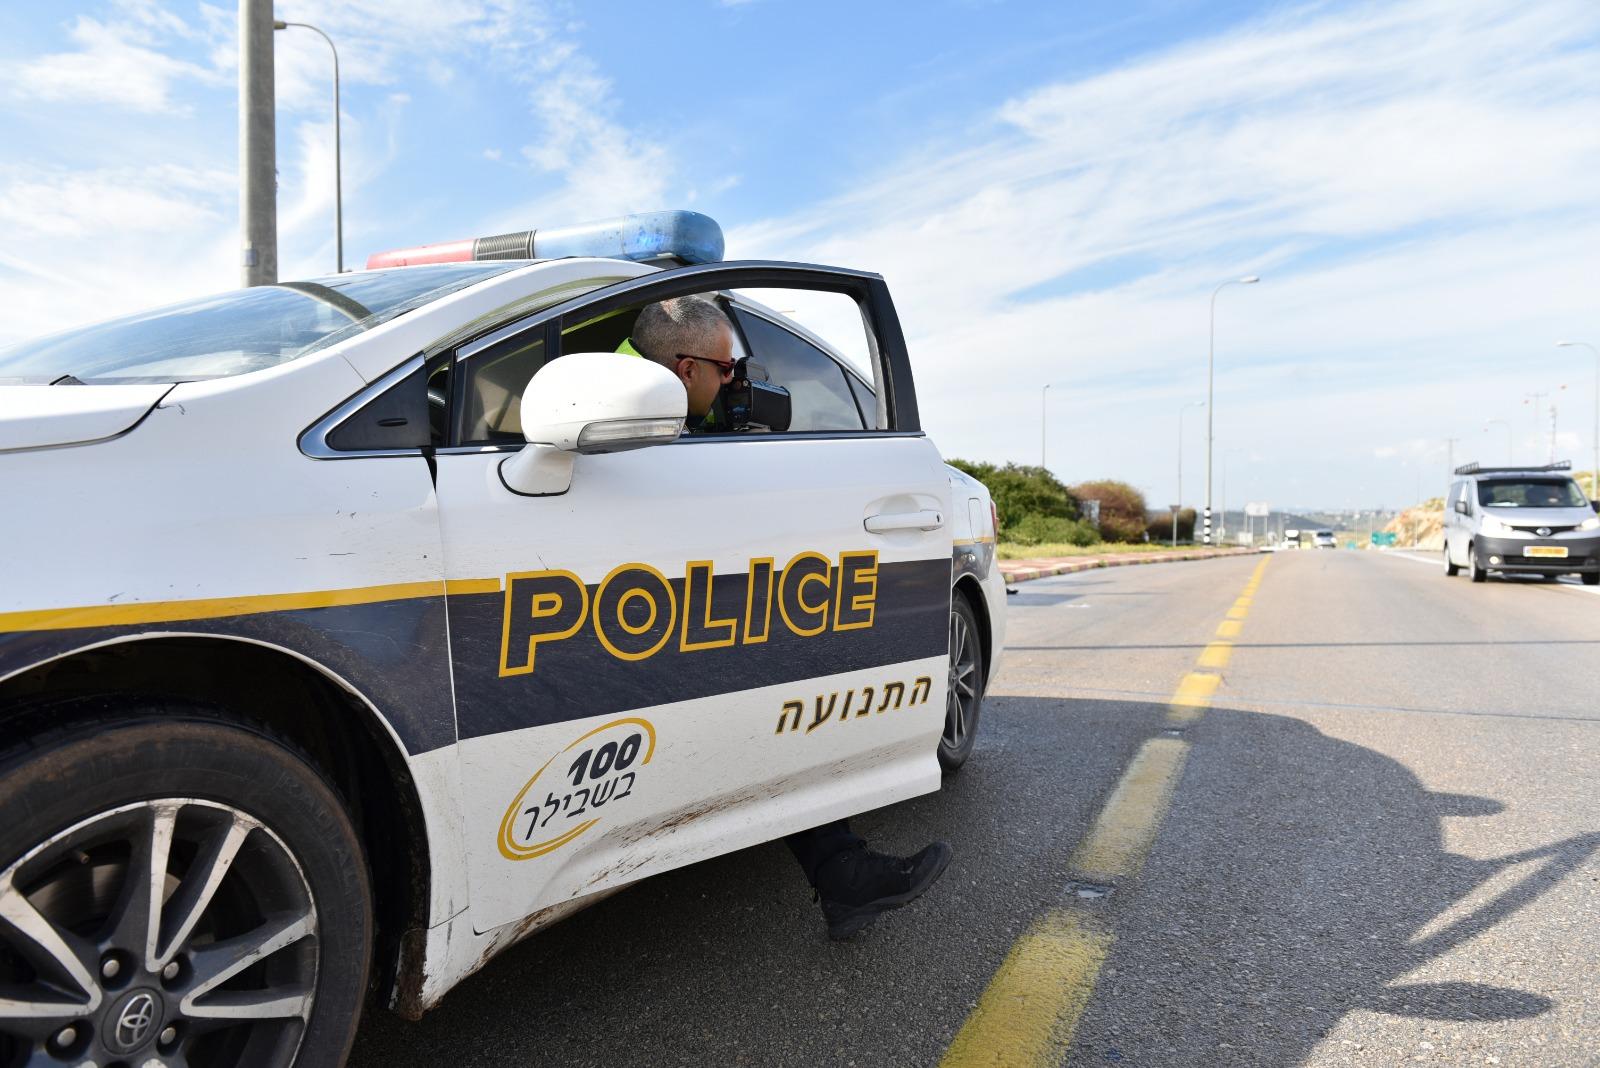 כך פילס שוטר התנועה נתיב חירום והוביל בבטחה את היולדת לבית החולים